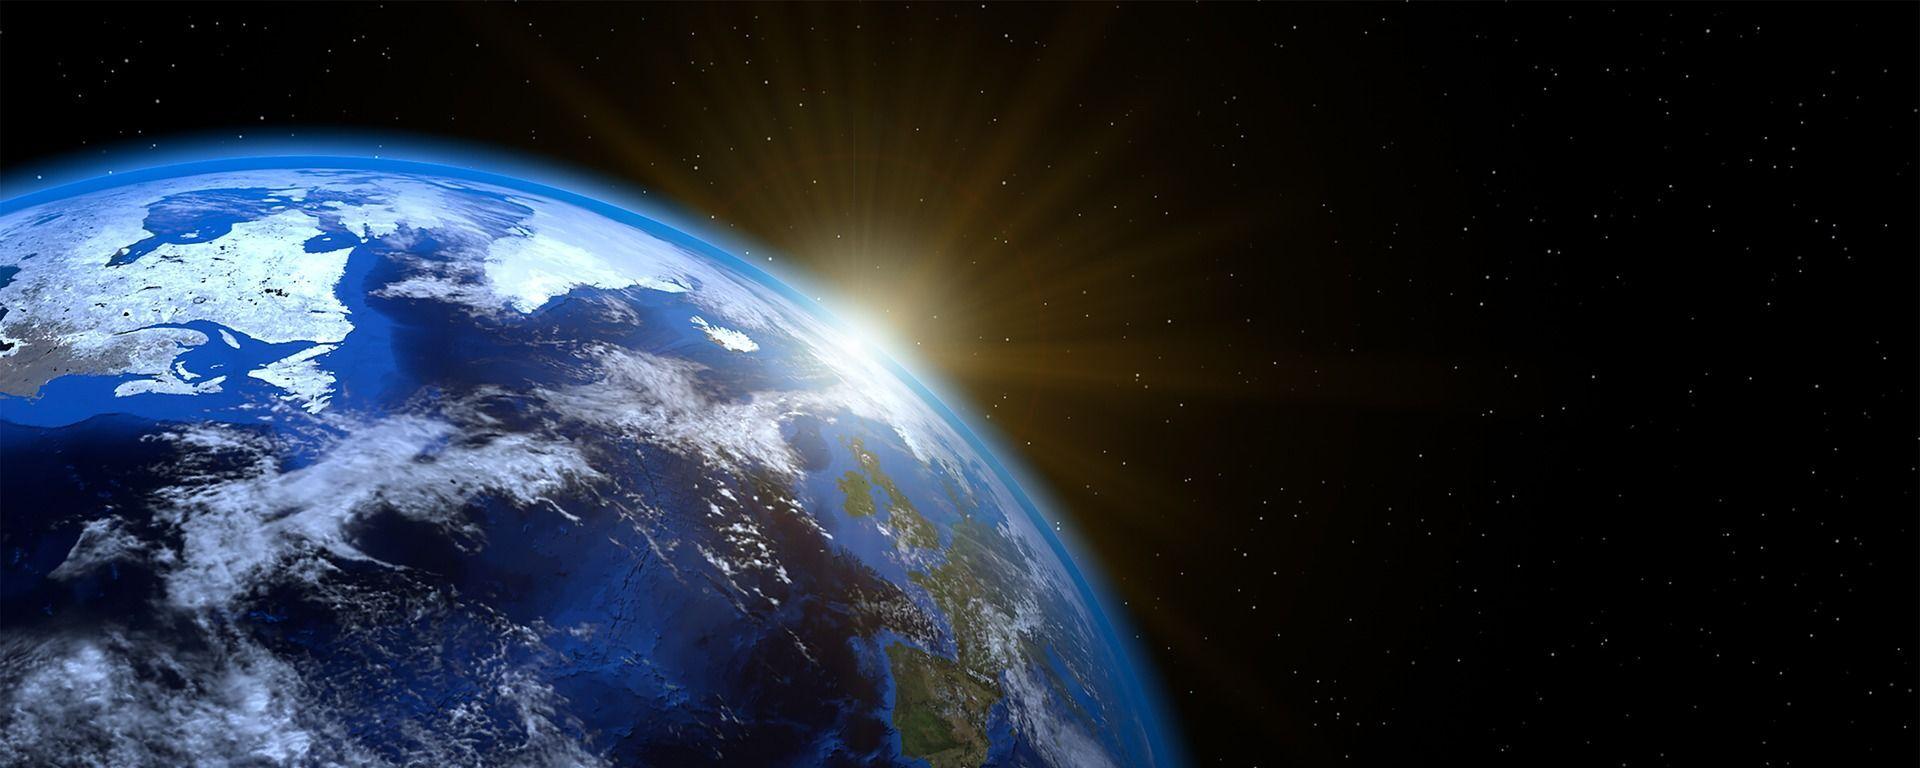 Planeta Zemlja i Sunce - Sputnik Srbija, 1920, 08.06.2021